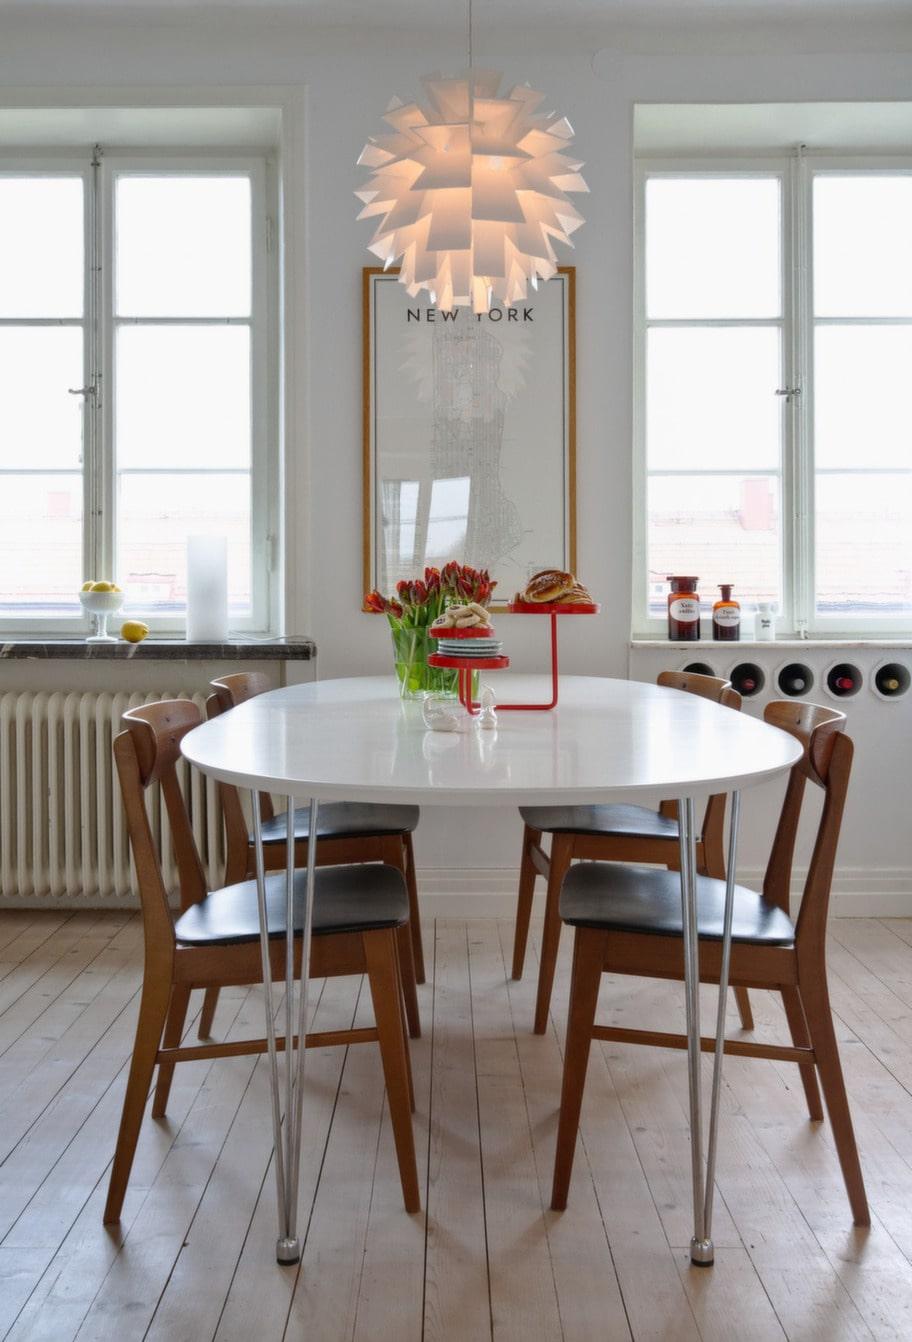 """Matbordet. Tavlan i köket heter """"2010 guide to Manhattan"""" och är gjord av David Ehrenstråle. Köksstolarna i teak med svart skinnsits från danska Farstrup hittades på loppisrunda under en semester på Österlen för två år sedan. Rött kakfat Cookie från Asplund, design Stina Sandwall. Under fönstren till höger finns ett inbyggt vinställ."""